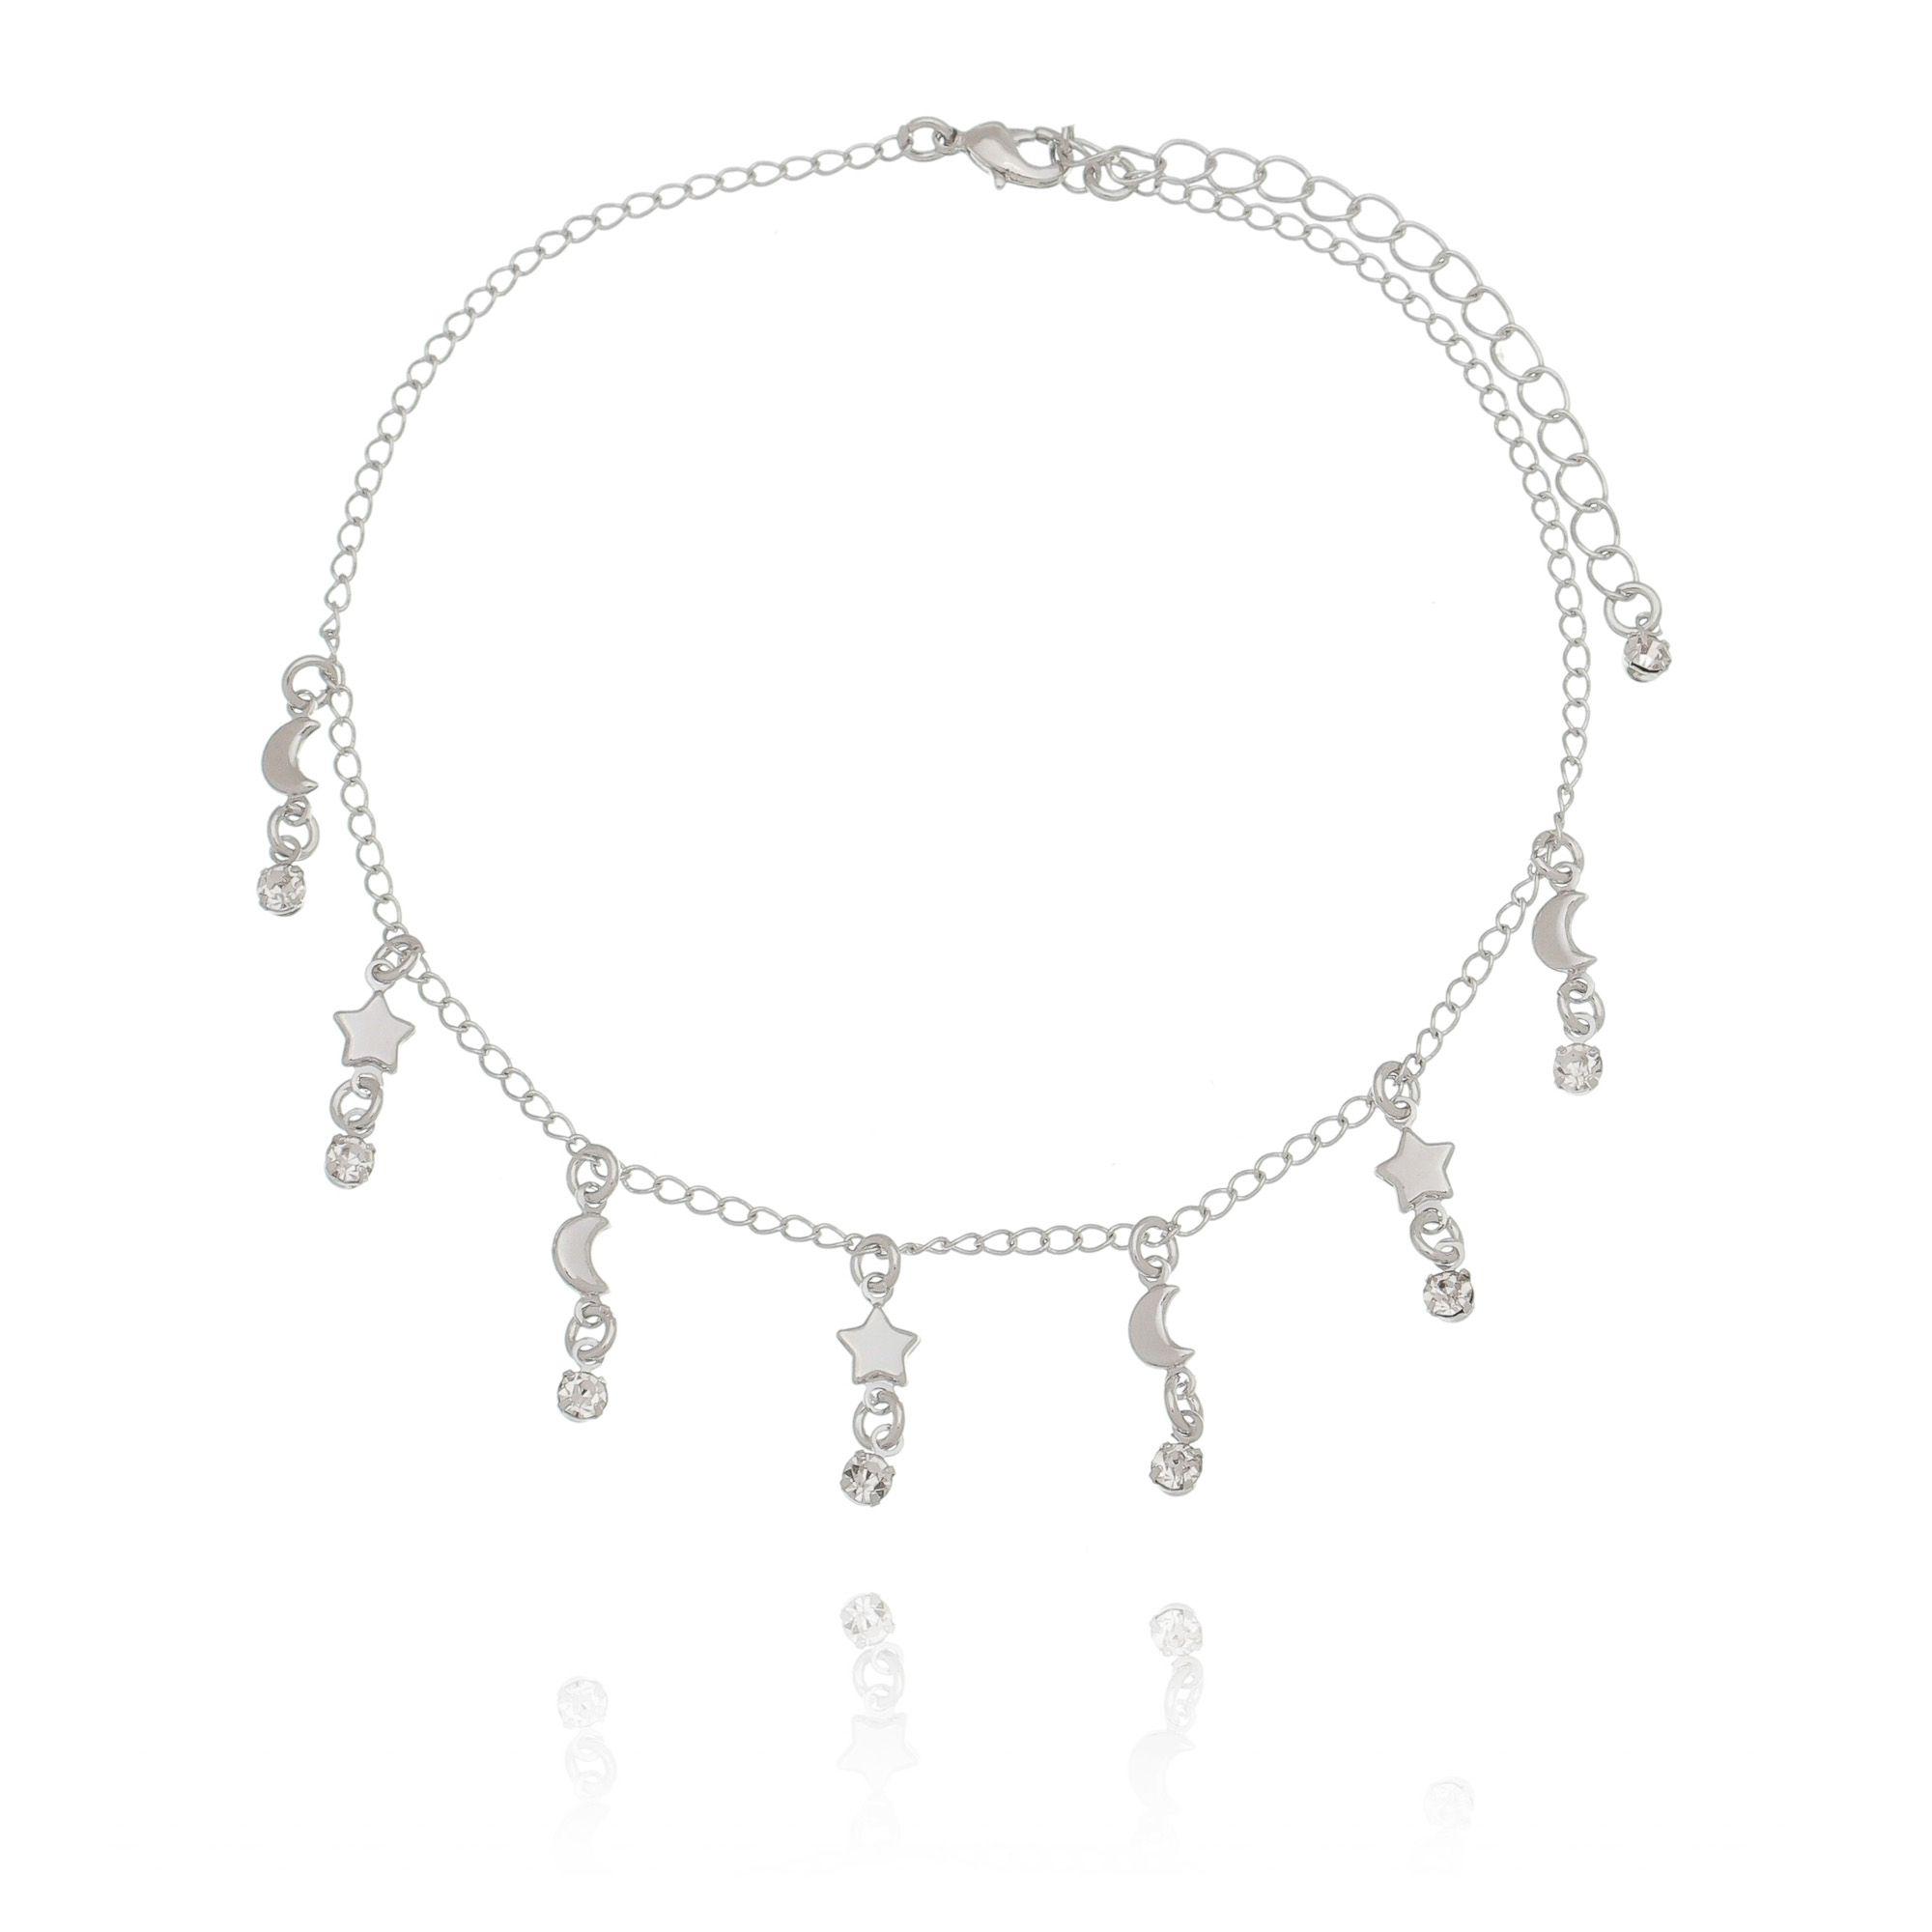 Tornozeleira Verão com Zircônia Cristal em Ródio Branco  - Soloyou